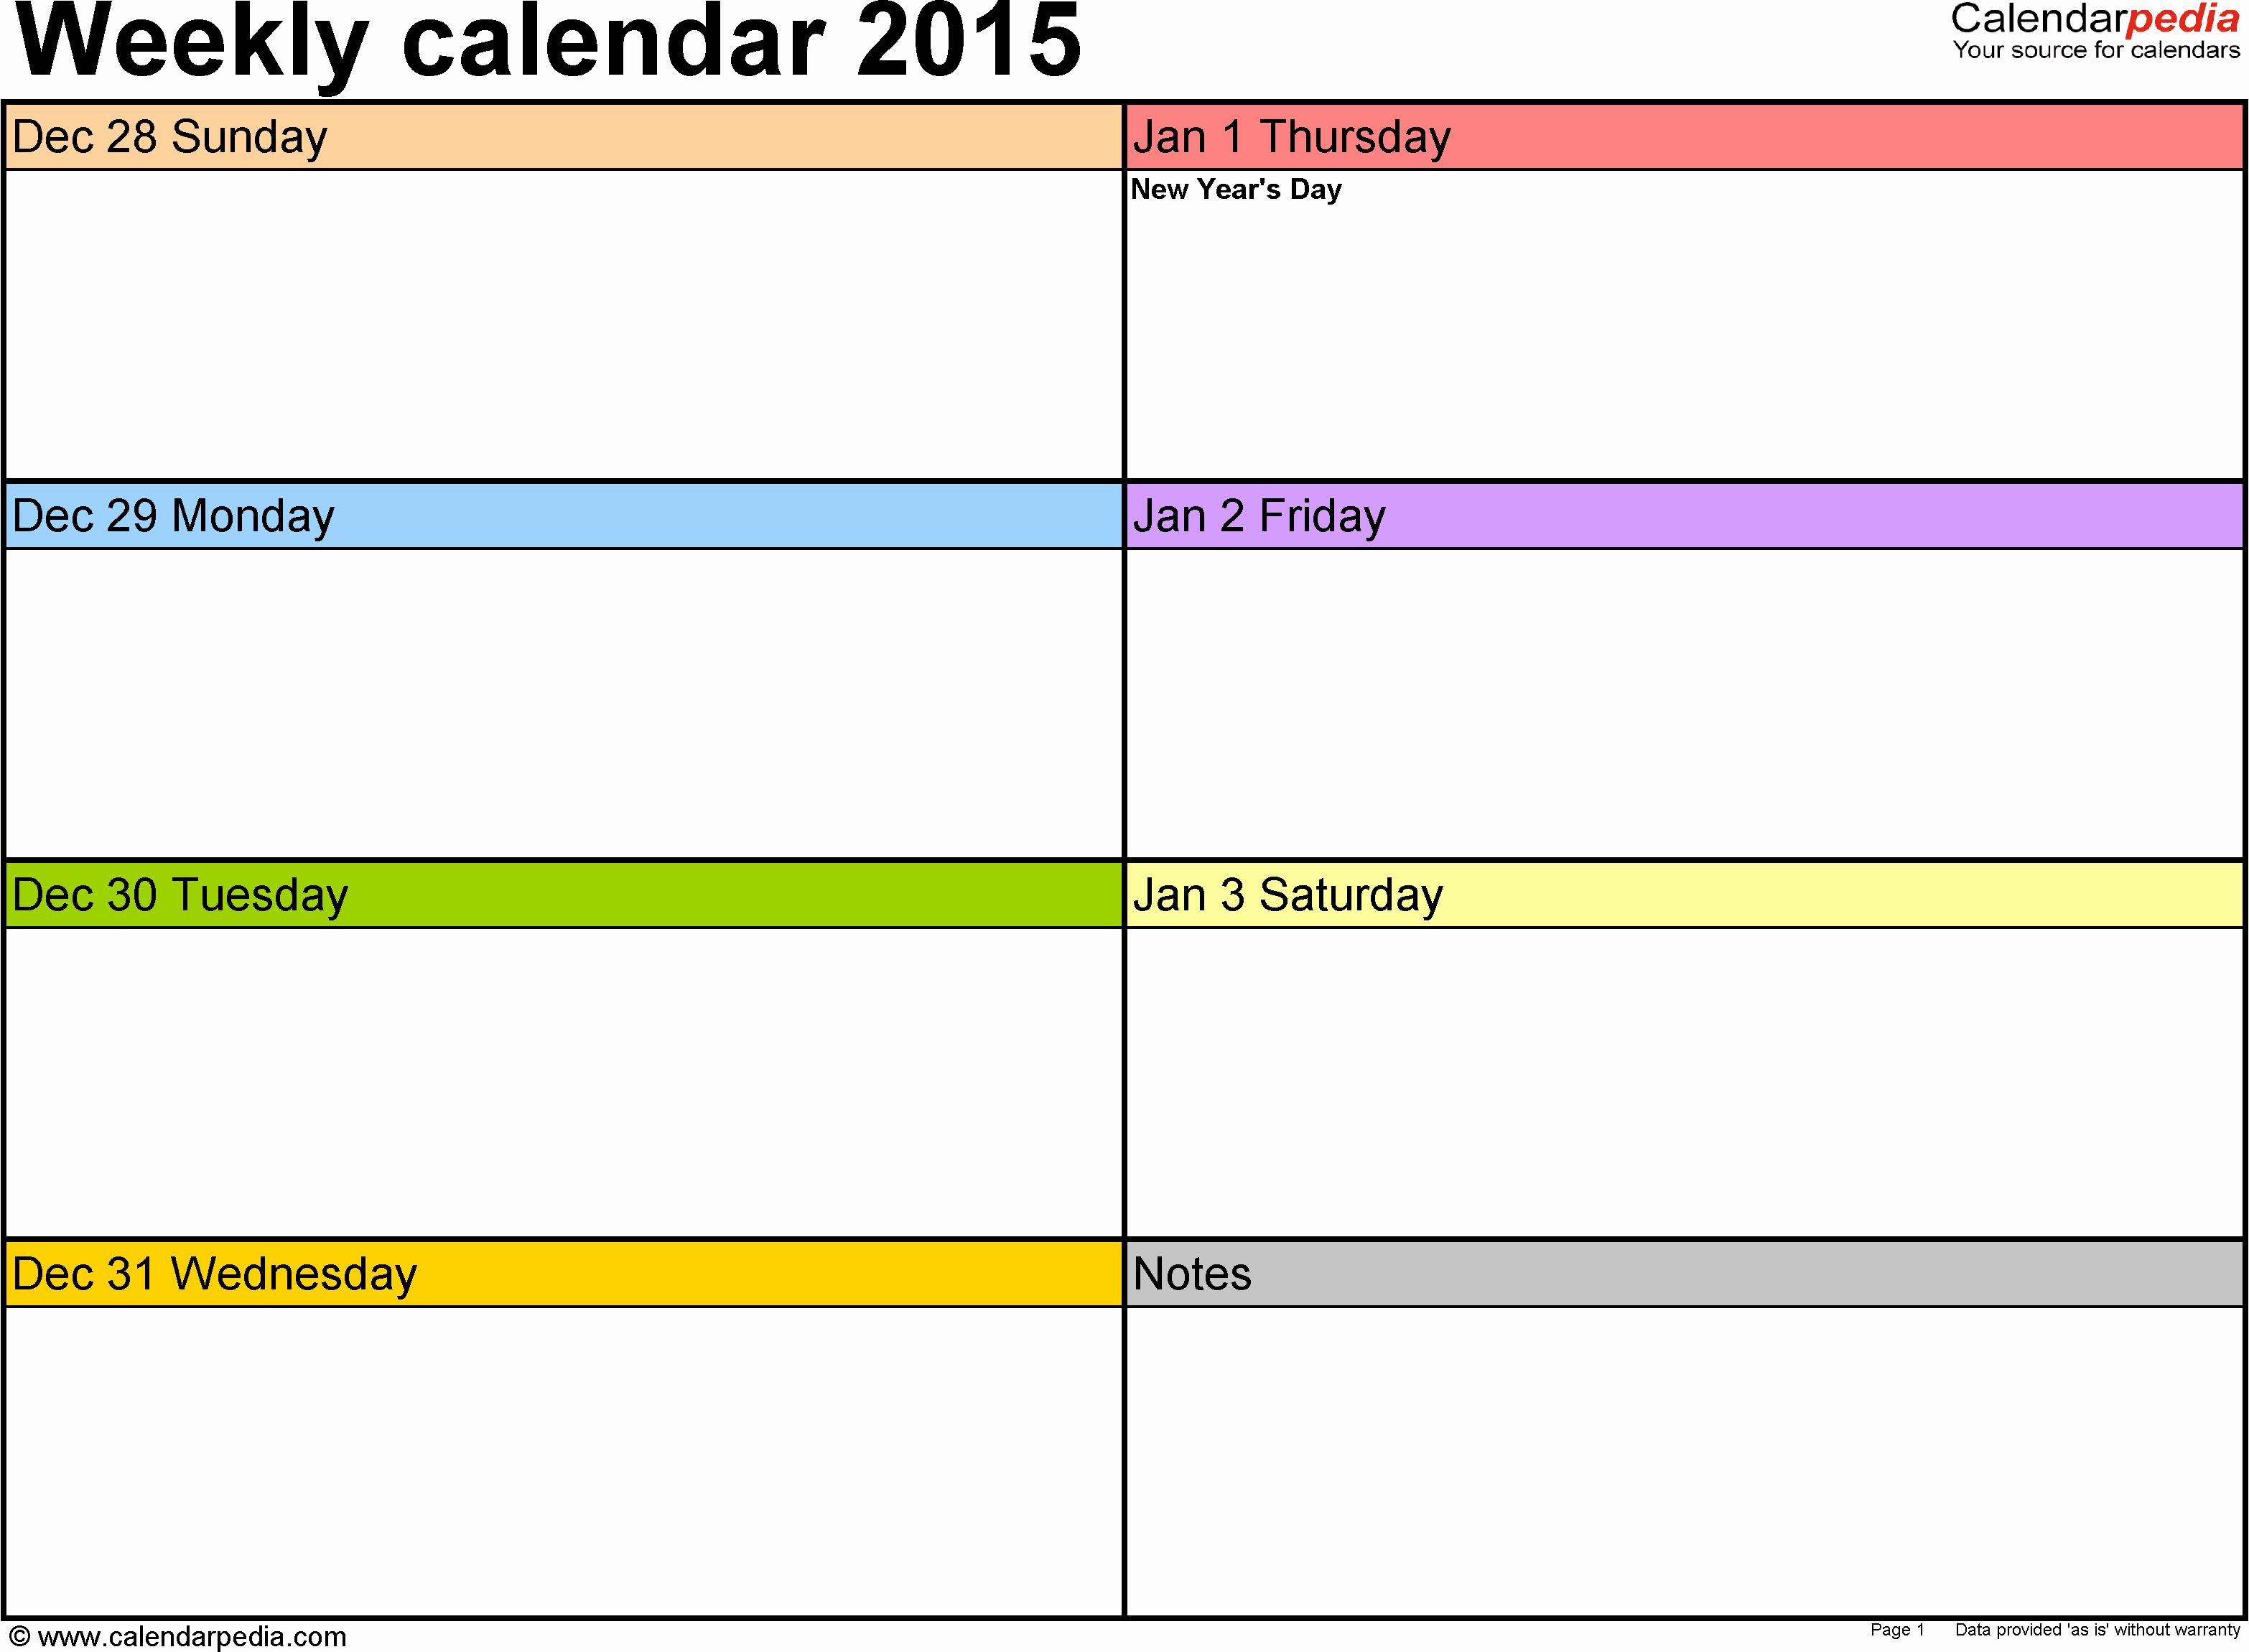 One Week Schedule Template Elegant Weekly Calendar 2015 for Excel 12 Free Printable Templates